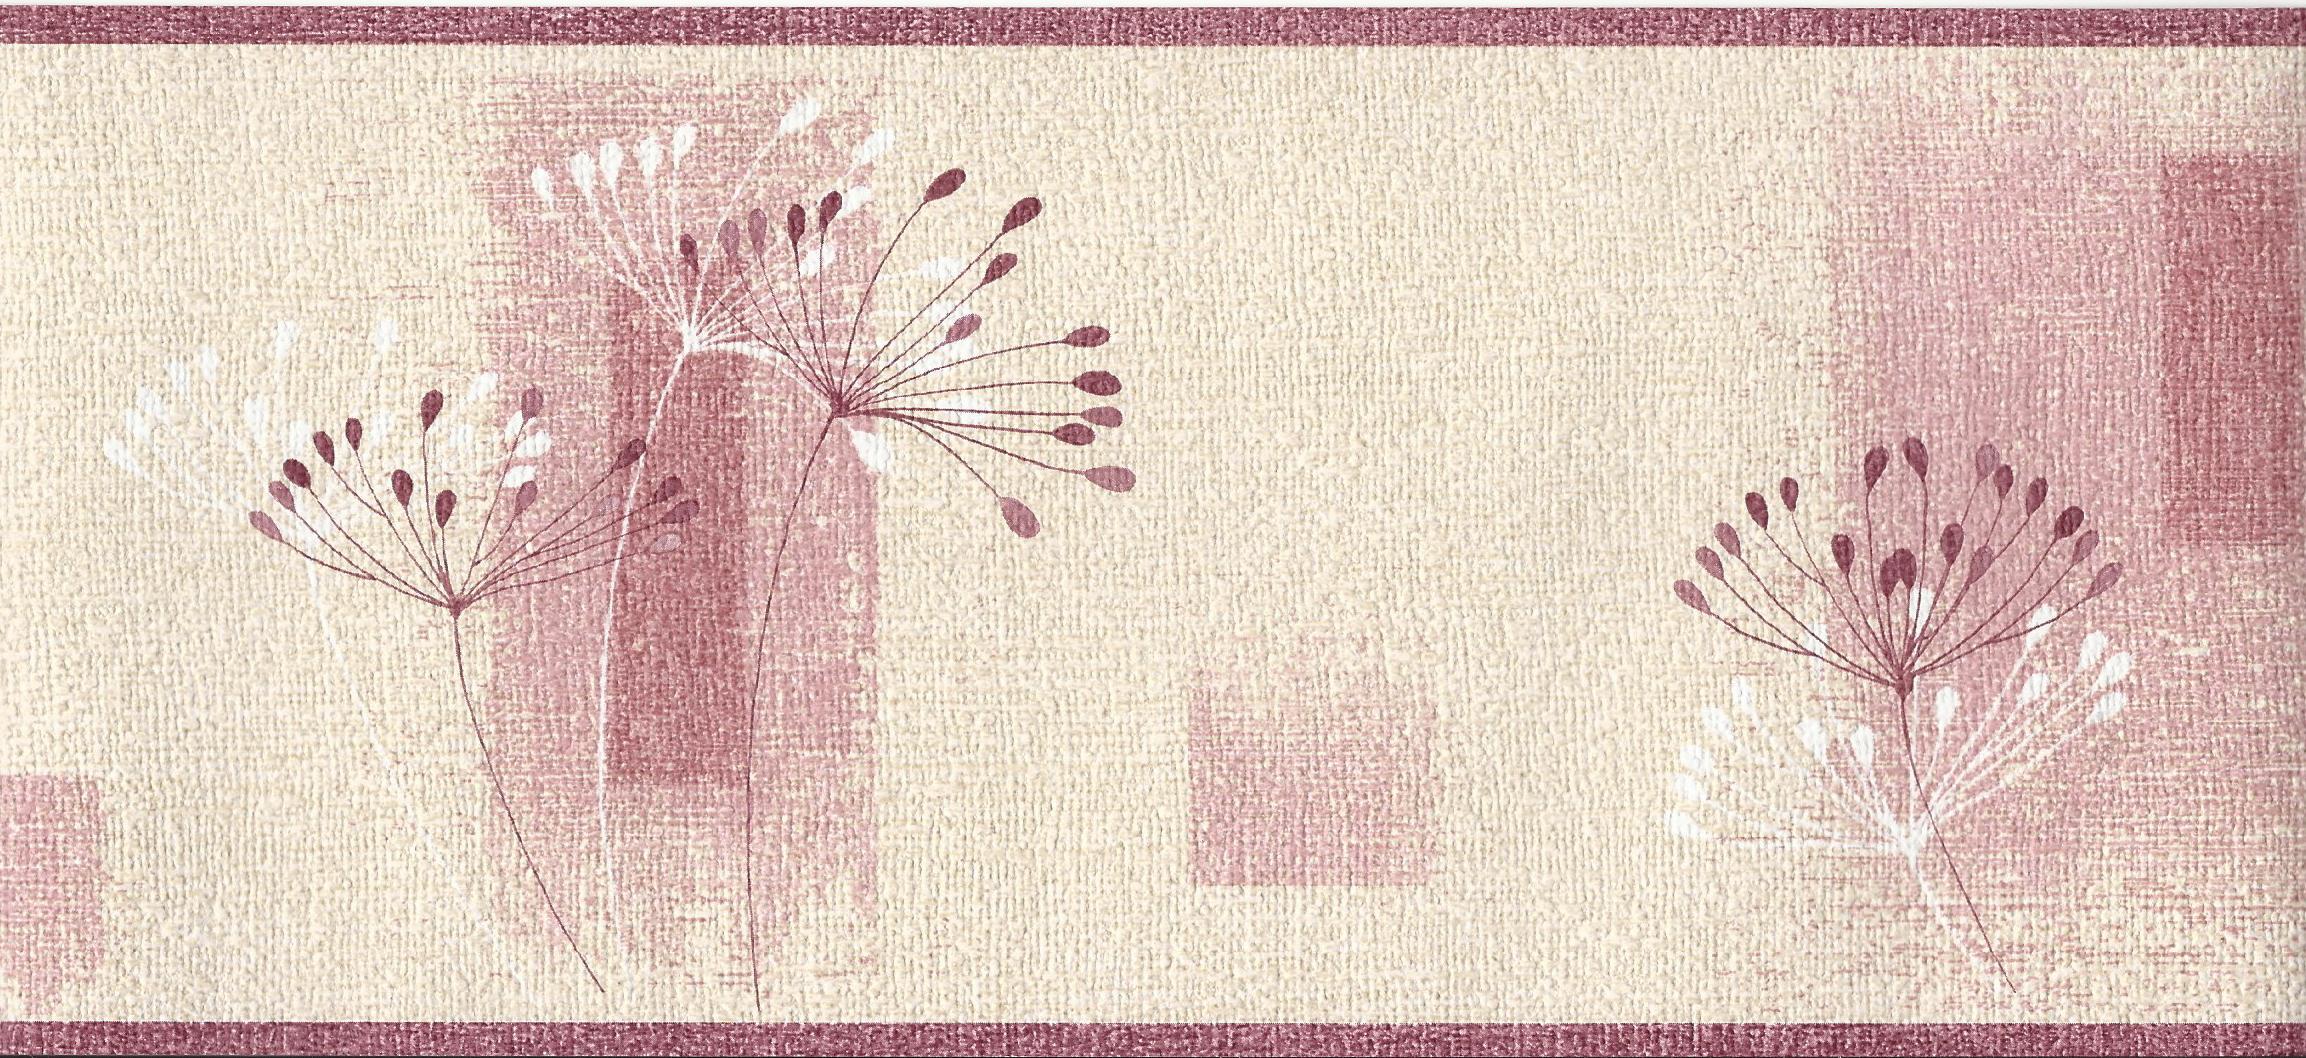 Dandelion Textured Cream Pink Border 97024 by EuroStudio 2306x1058